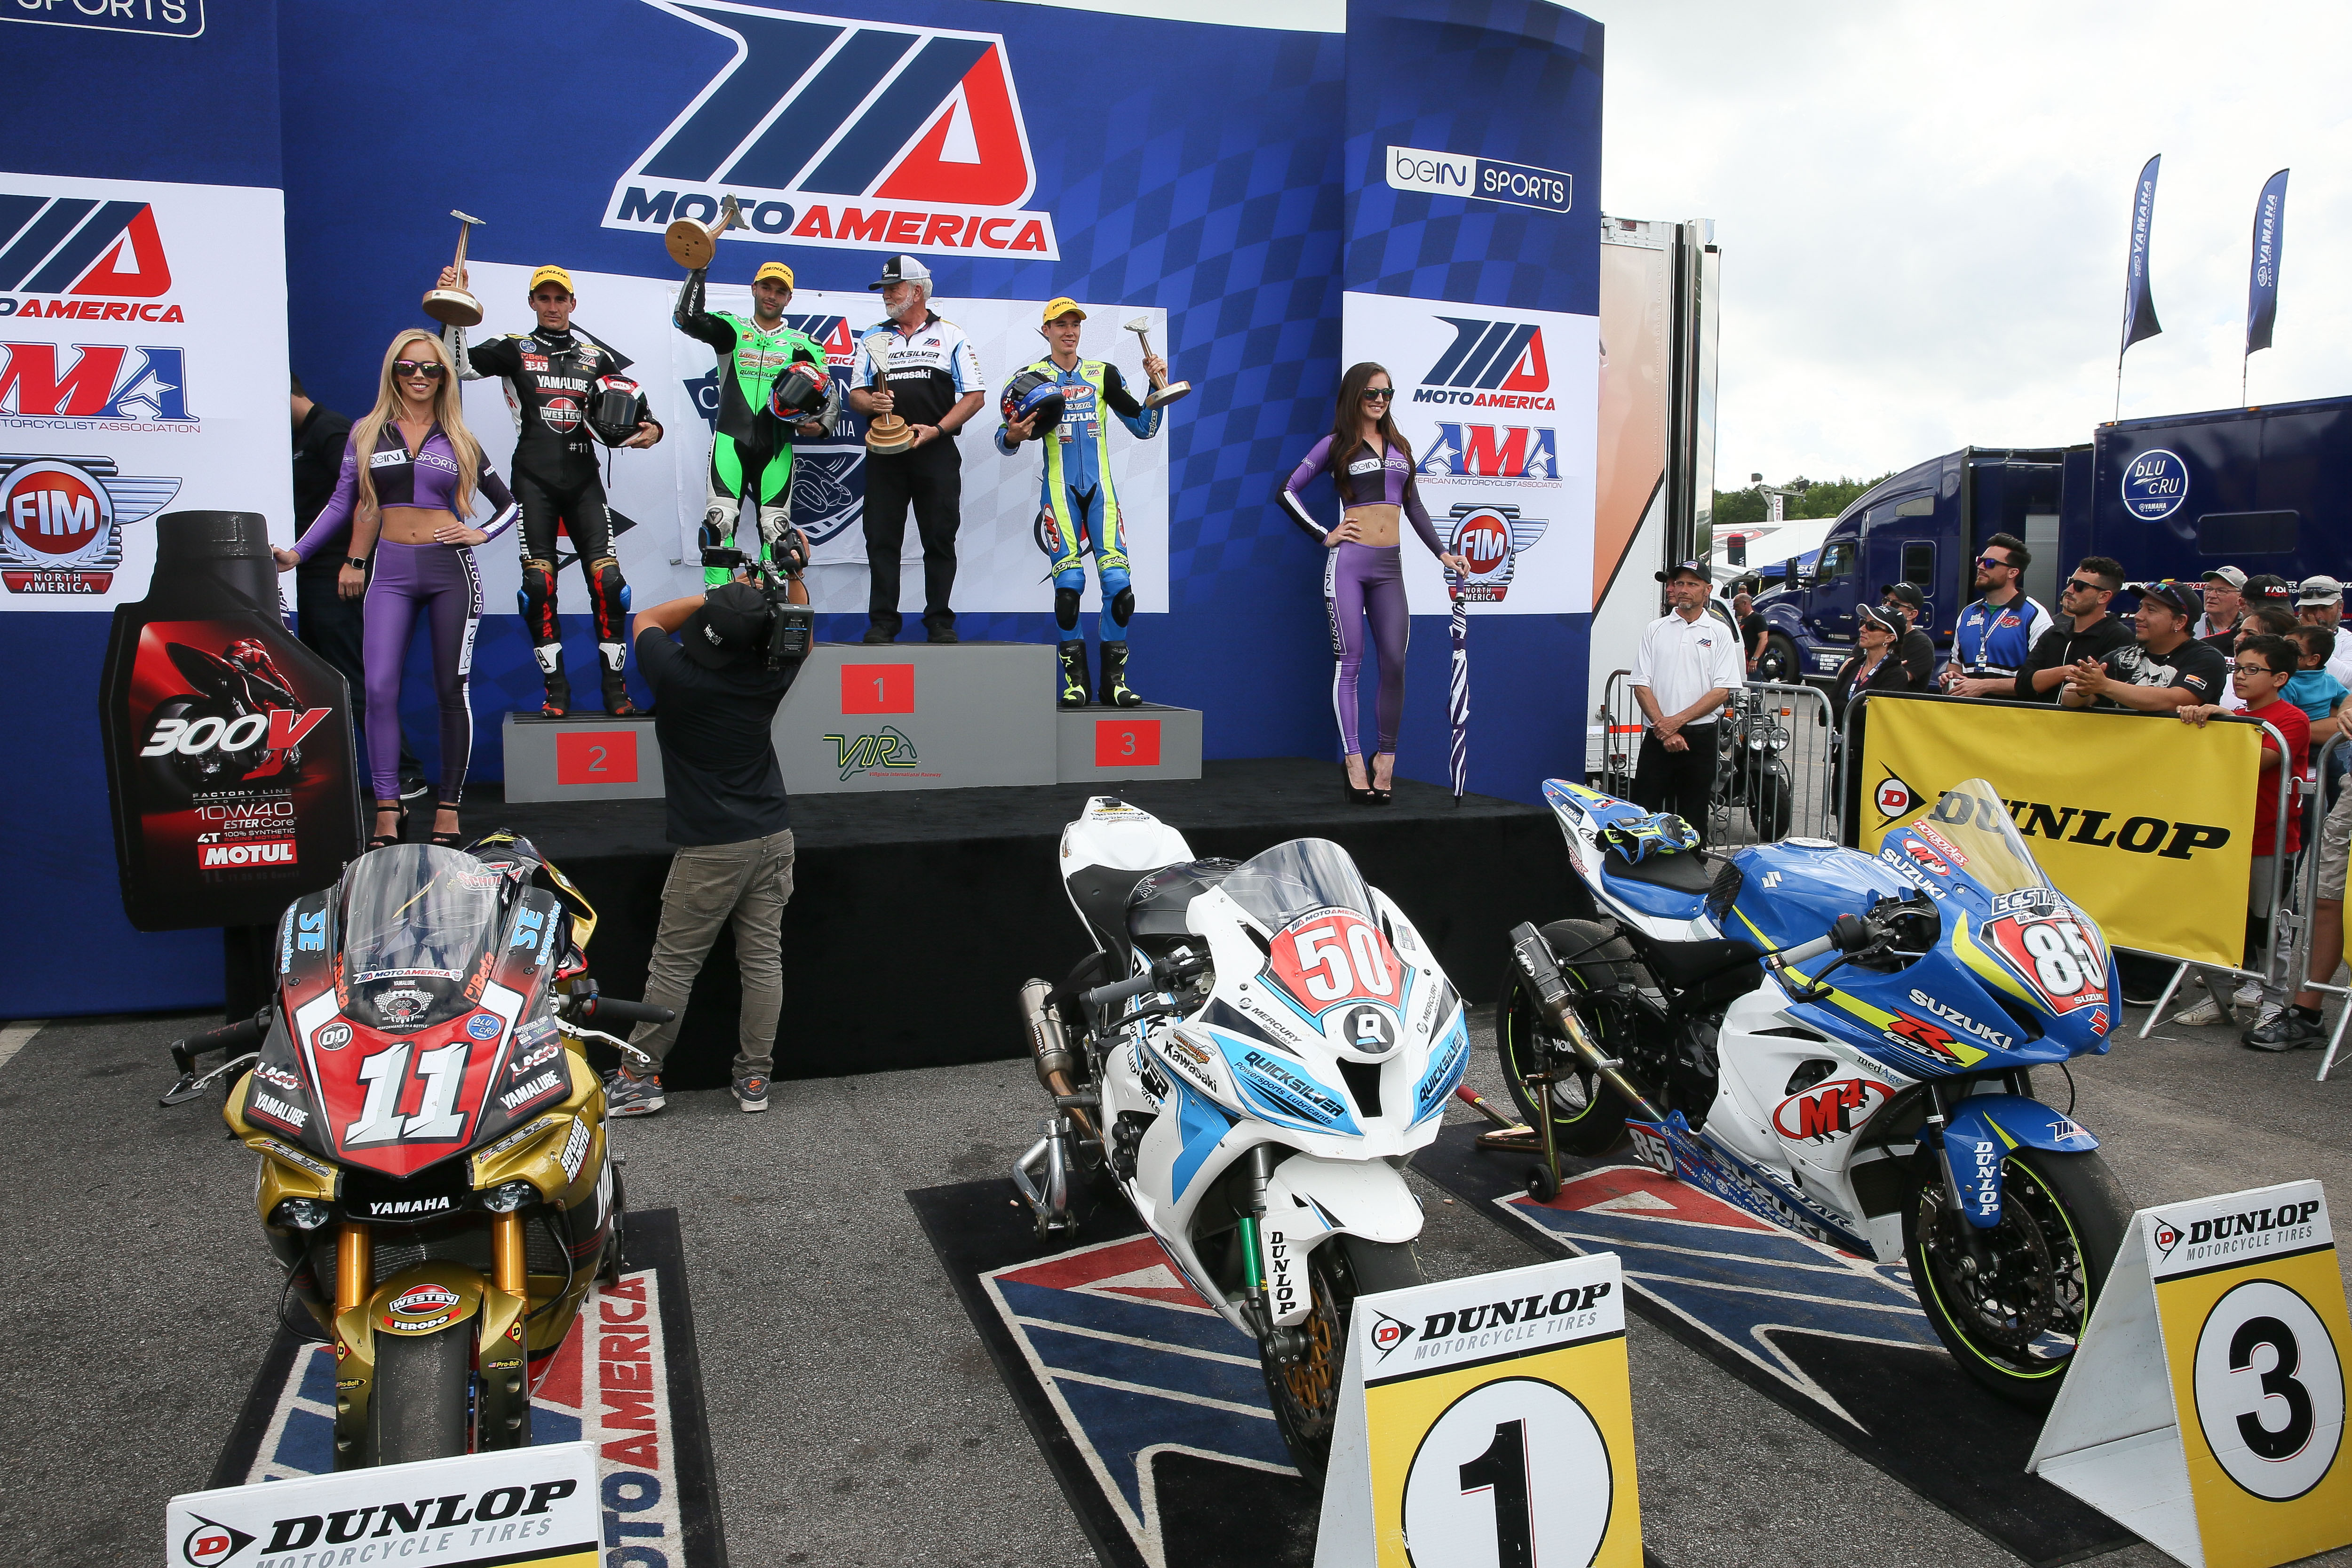 2017 VIR SBK Race 1